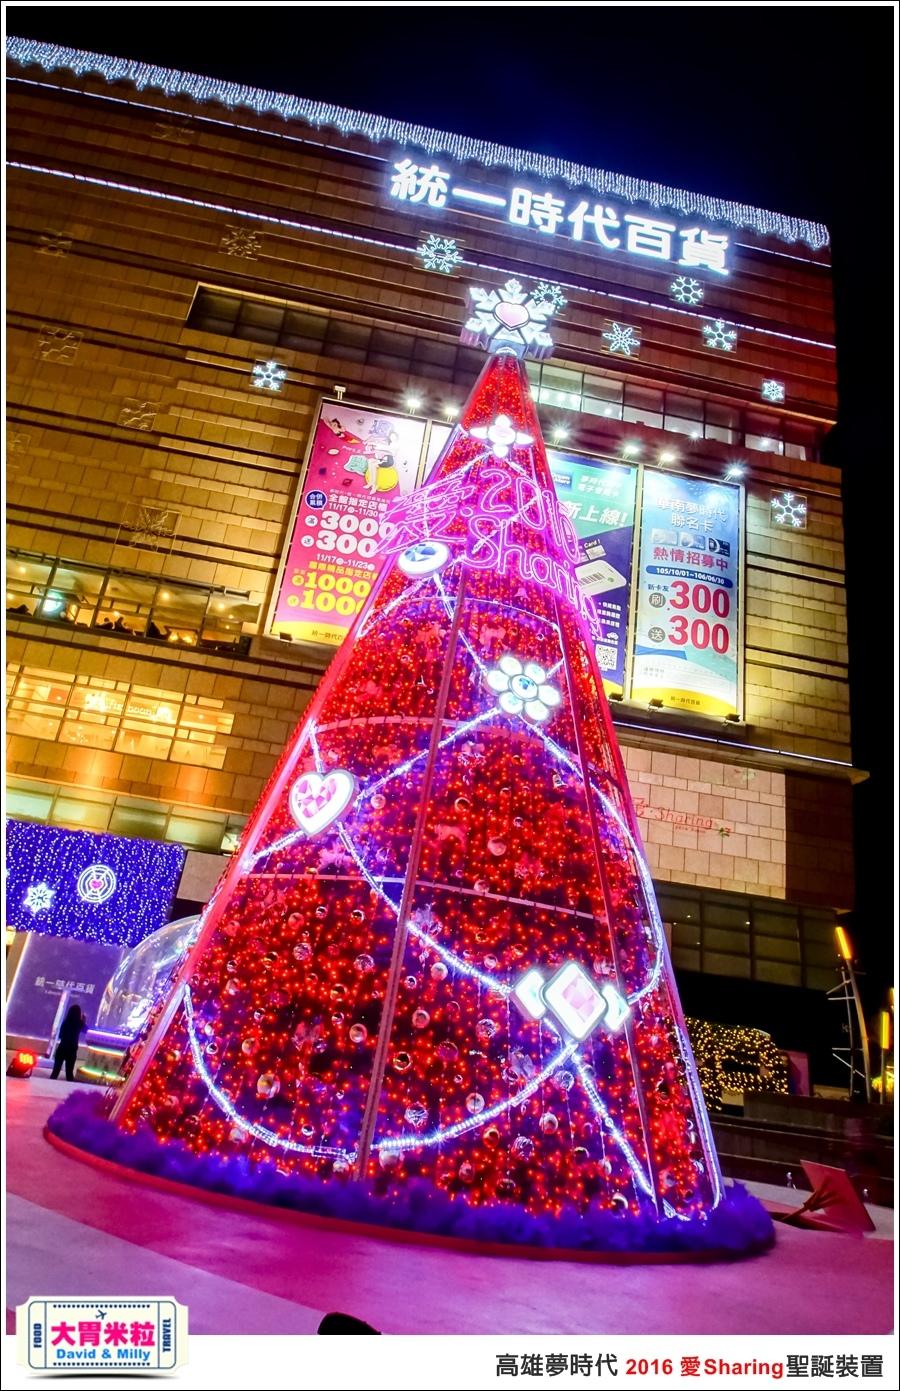 2016聖誕約會景點推薦@高雄夢時代 統一時代百貨 2016聖誕裝置@大胃米粒0029.jpg